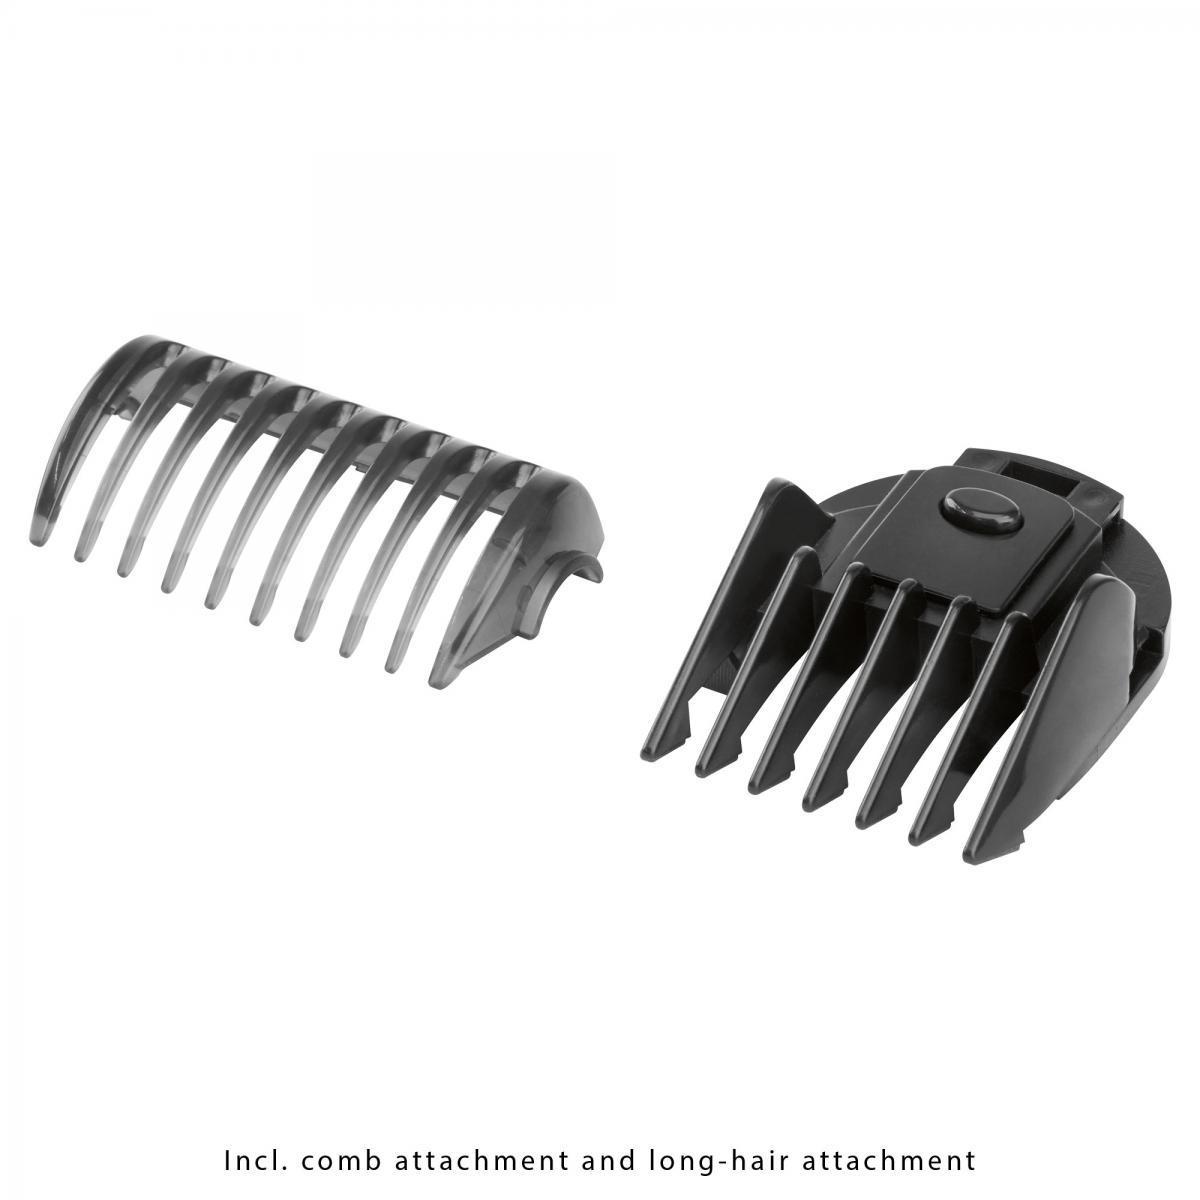 Bild 2 von ProfiCare Body- Groomer/Hair-Trimmer Set PC-BHT 3015 blau